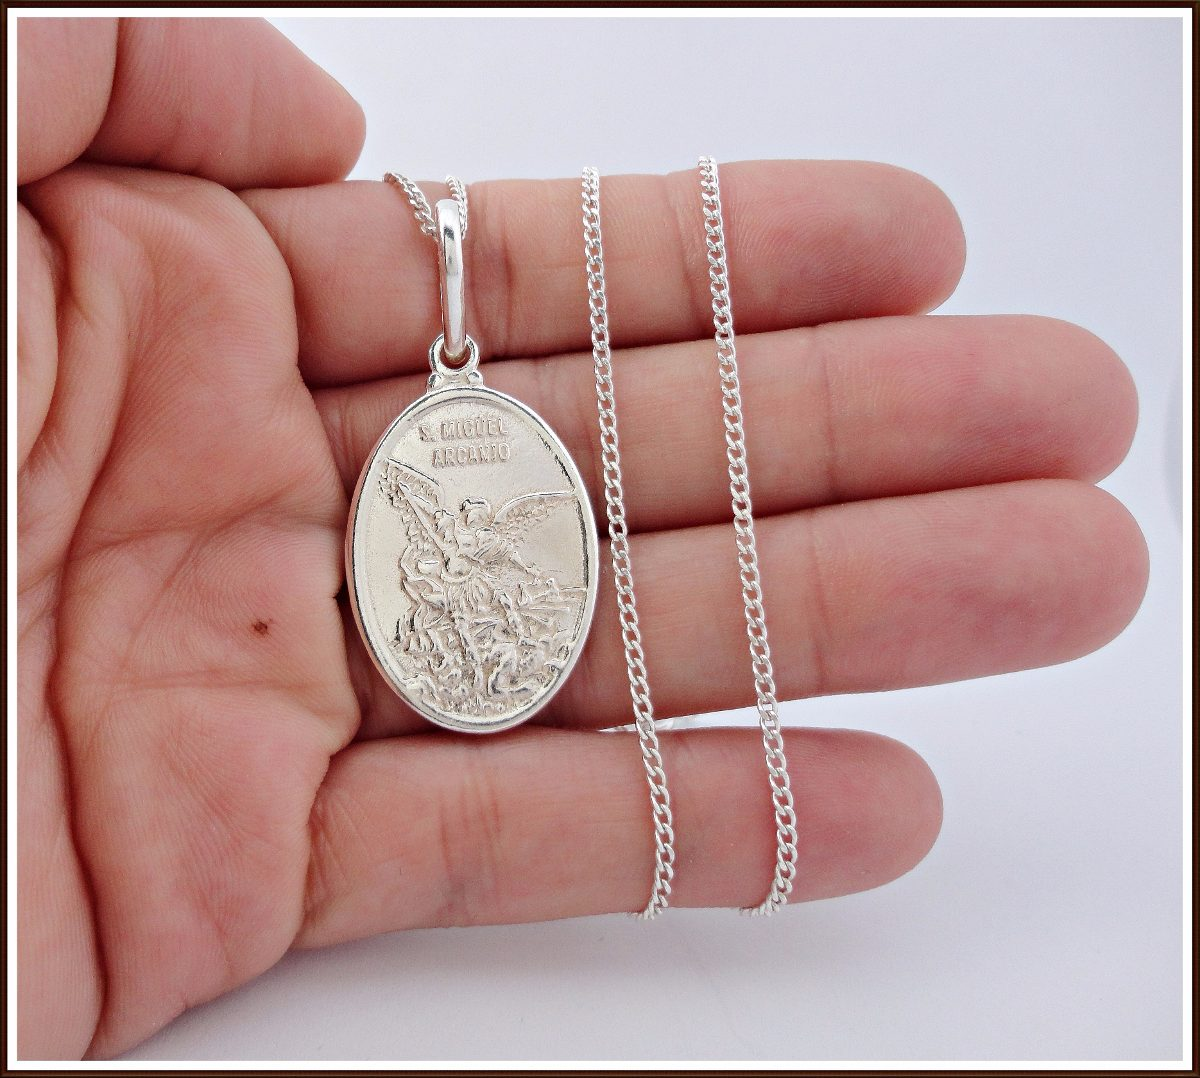 78a0a051143df pingente são miguel arcanjo em prata 950. frete grátis. Carregando zoom.